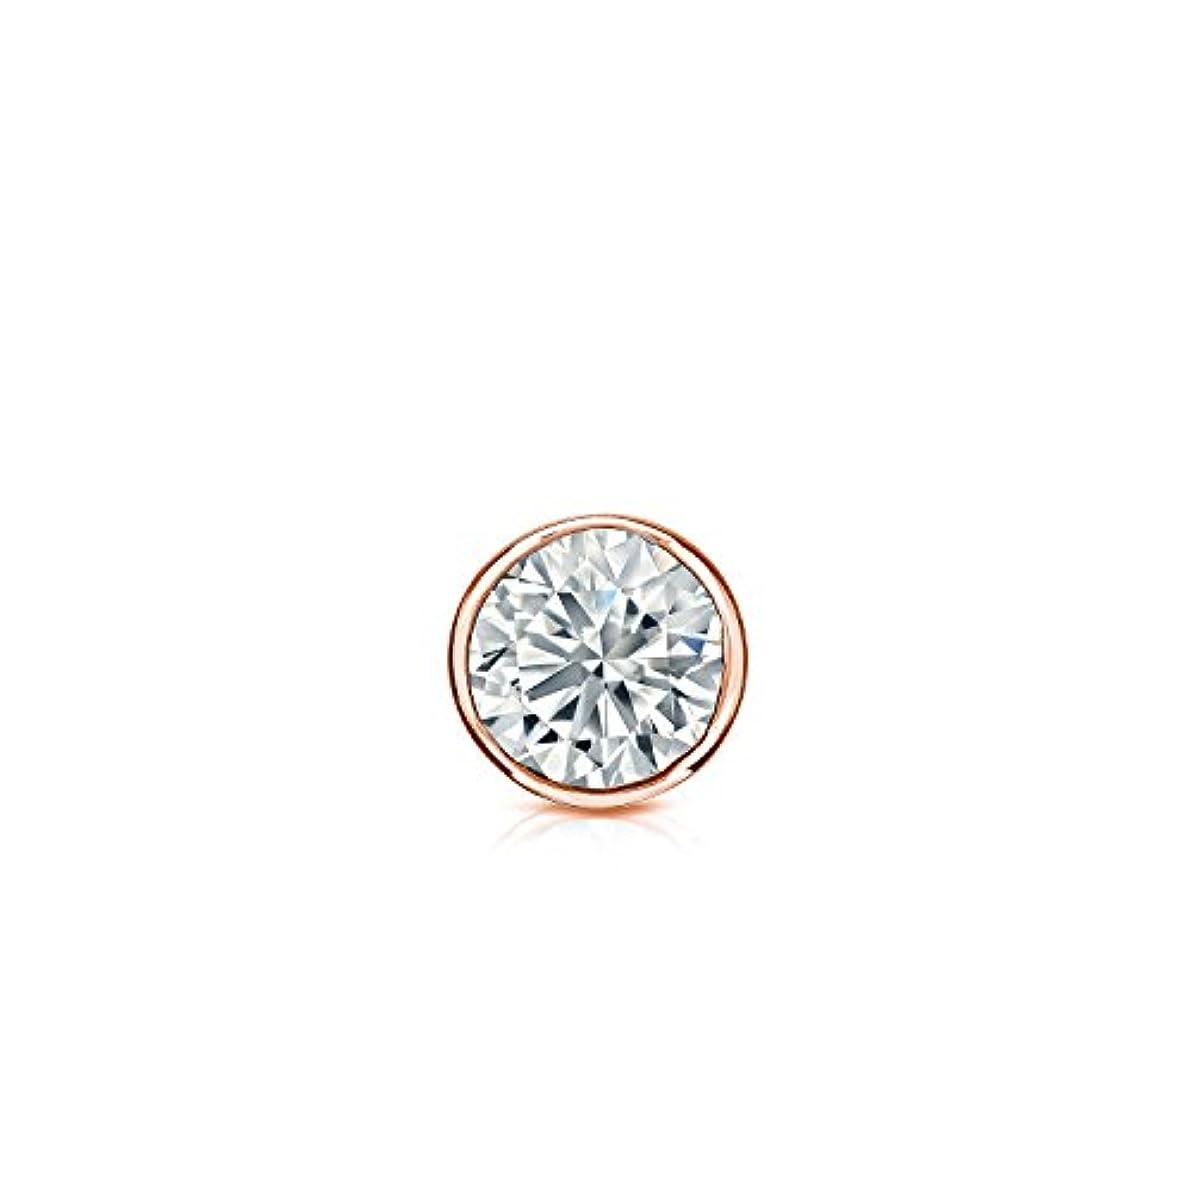 カストディアン最初は波14 Kゴールドメンズbezel-setラウンドダイヤモンドシングルスタッドイヤリング( 1 / 8 – 1 CT、Oホワイト、i2 - i3安全ロックバックディスク